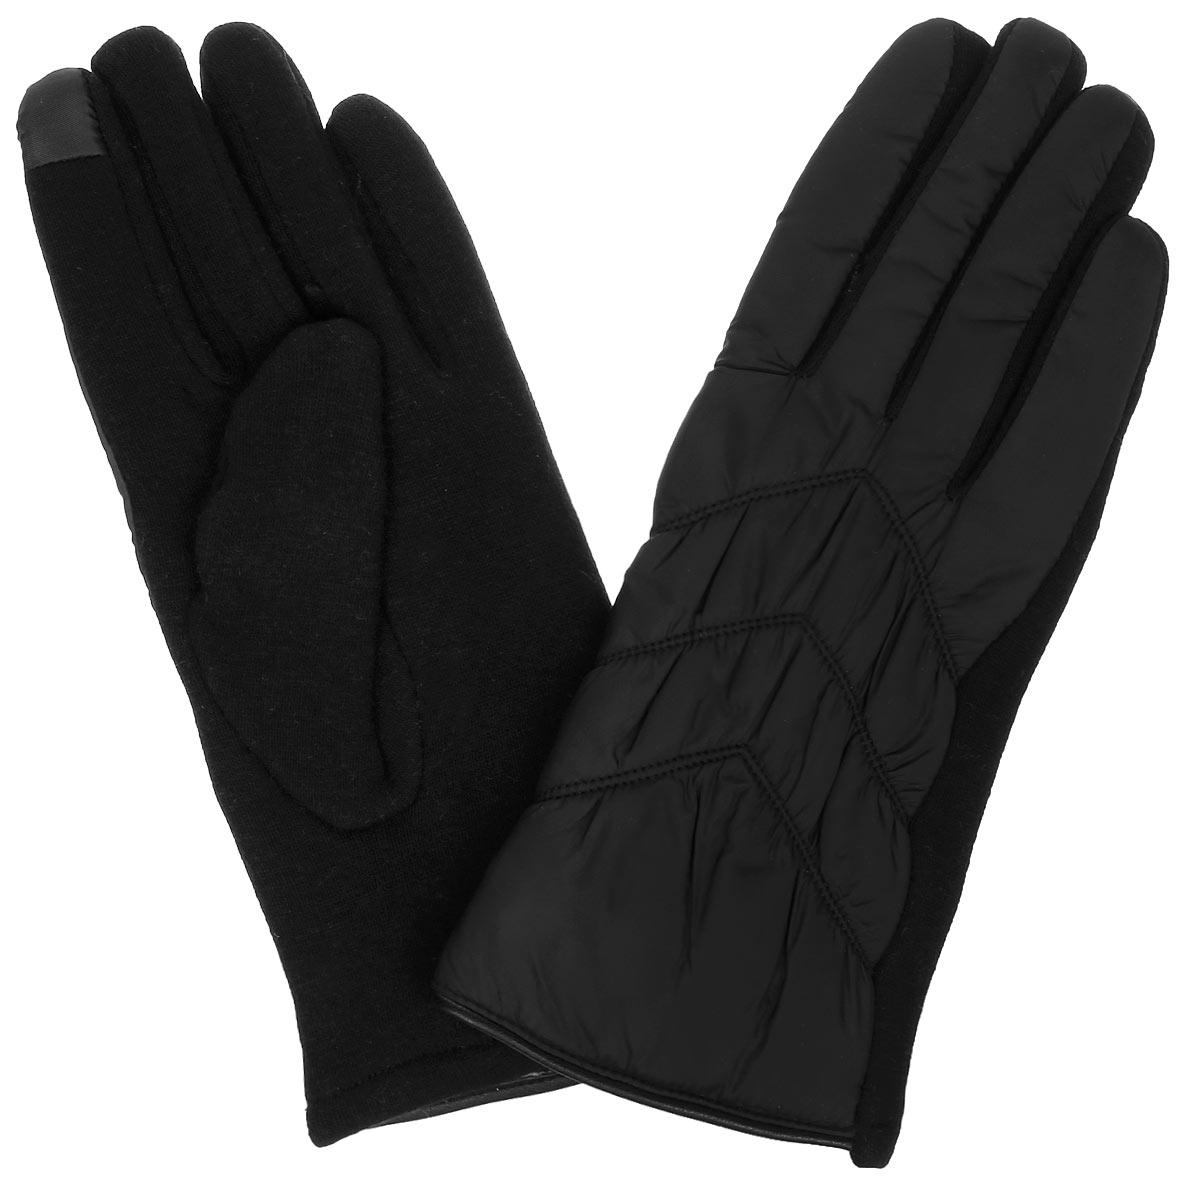 ПерчаткиA16-11304_200Отличные женские перчатки Finn Flare выполнены из высококачественного материала. Внешняя сторона из болоньевого материала оформлена декоративной прострочкой. Ладонная сторона - из эластичного текстиля. Внутри - необыкновенно мягкий ворс. Такие перчатки обеспечат вам тепло и комфорт.